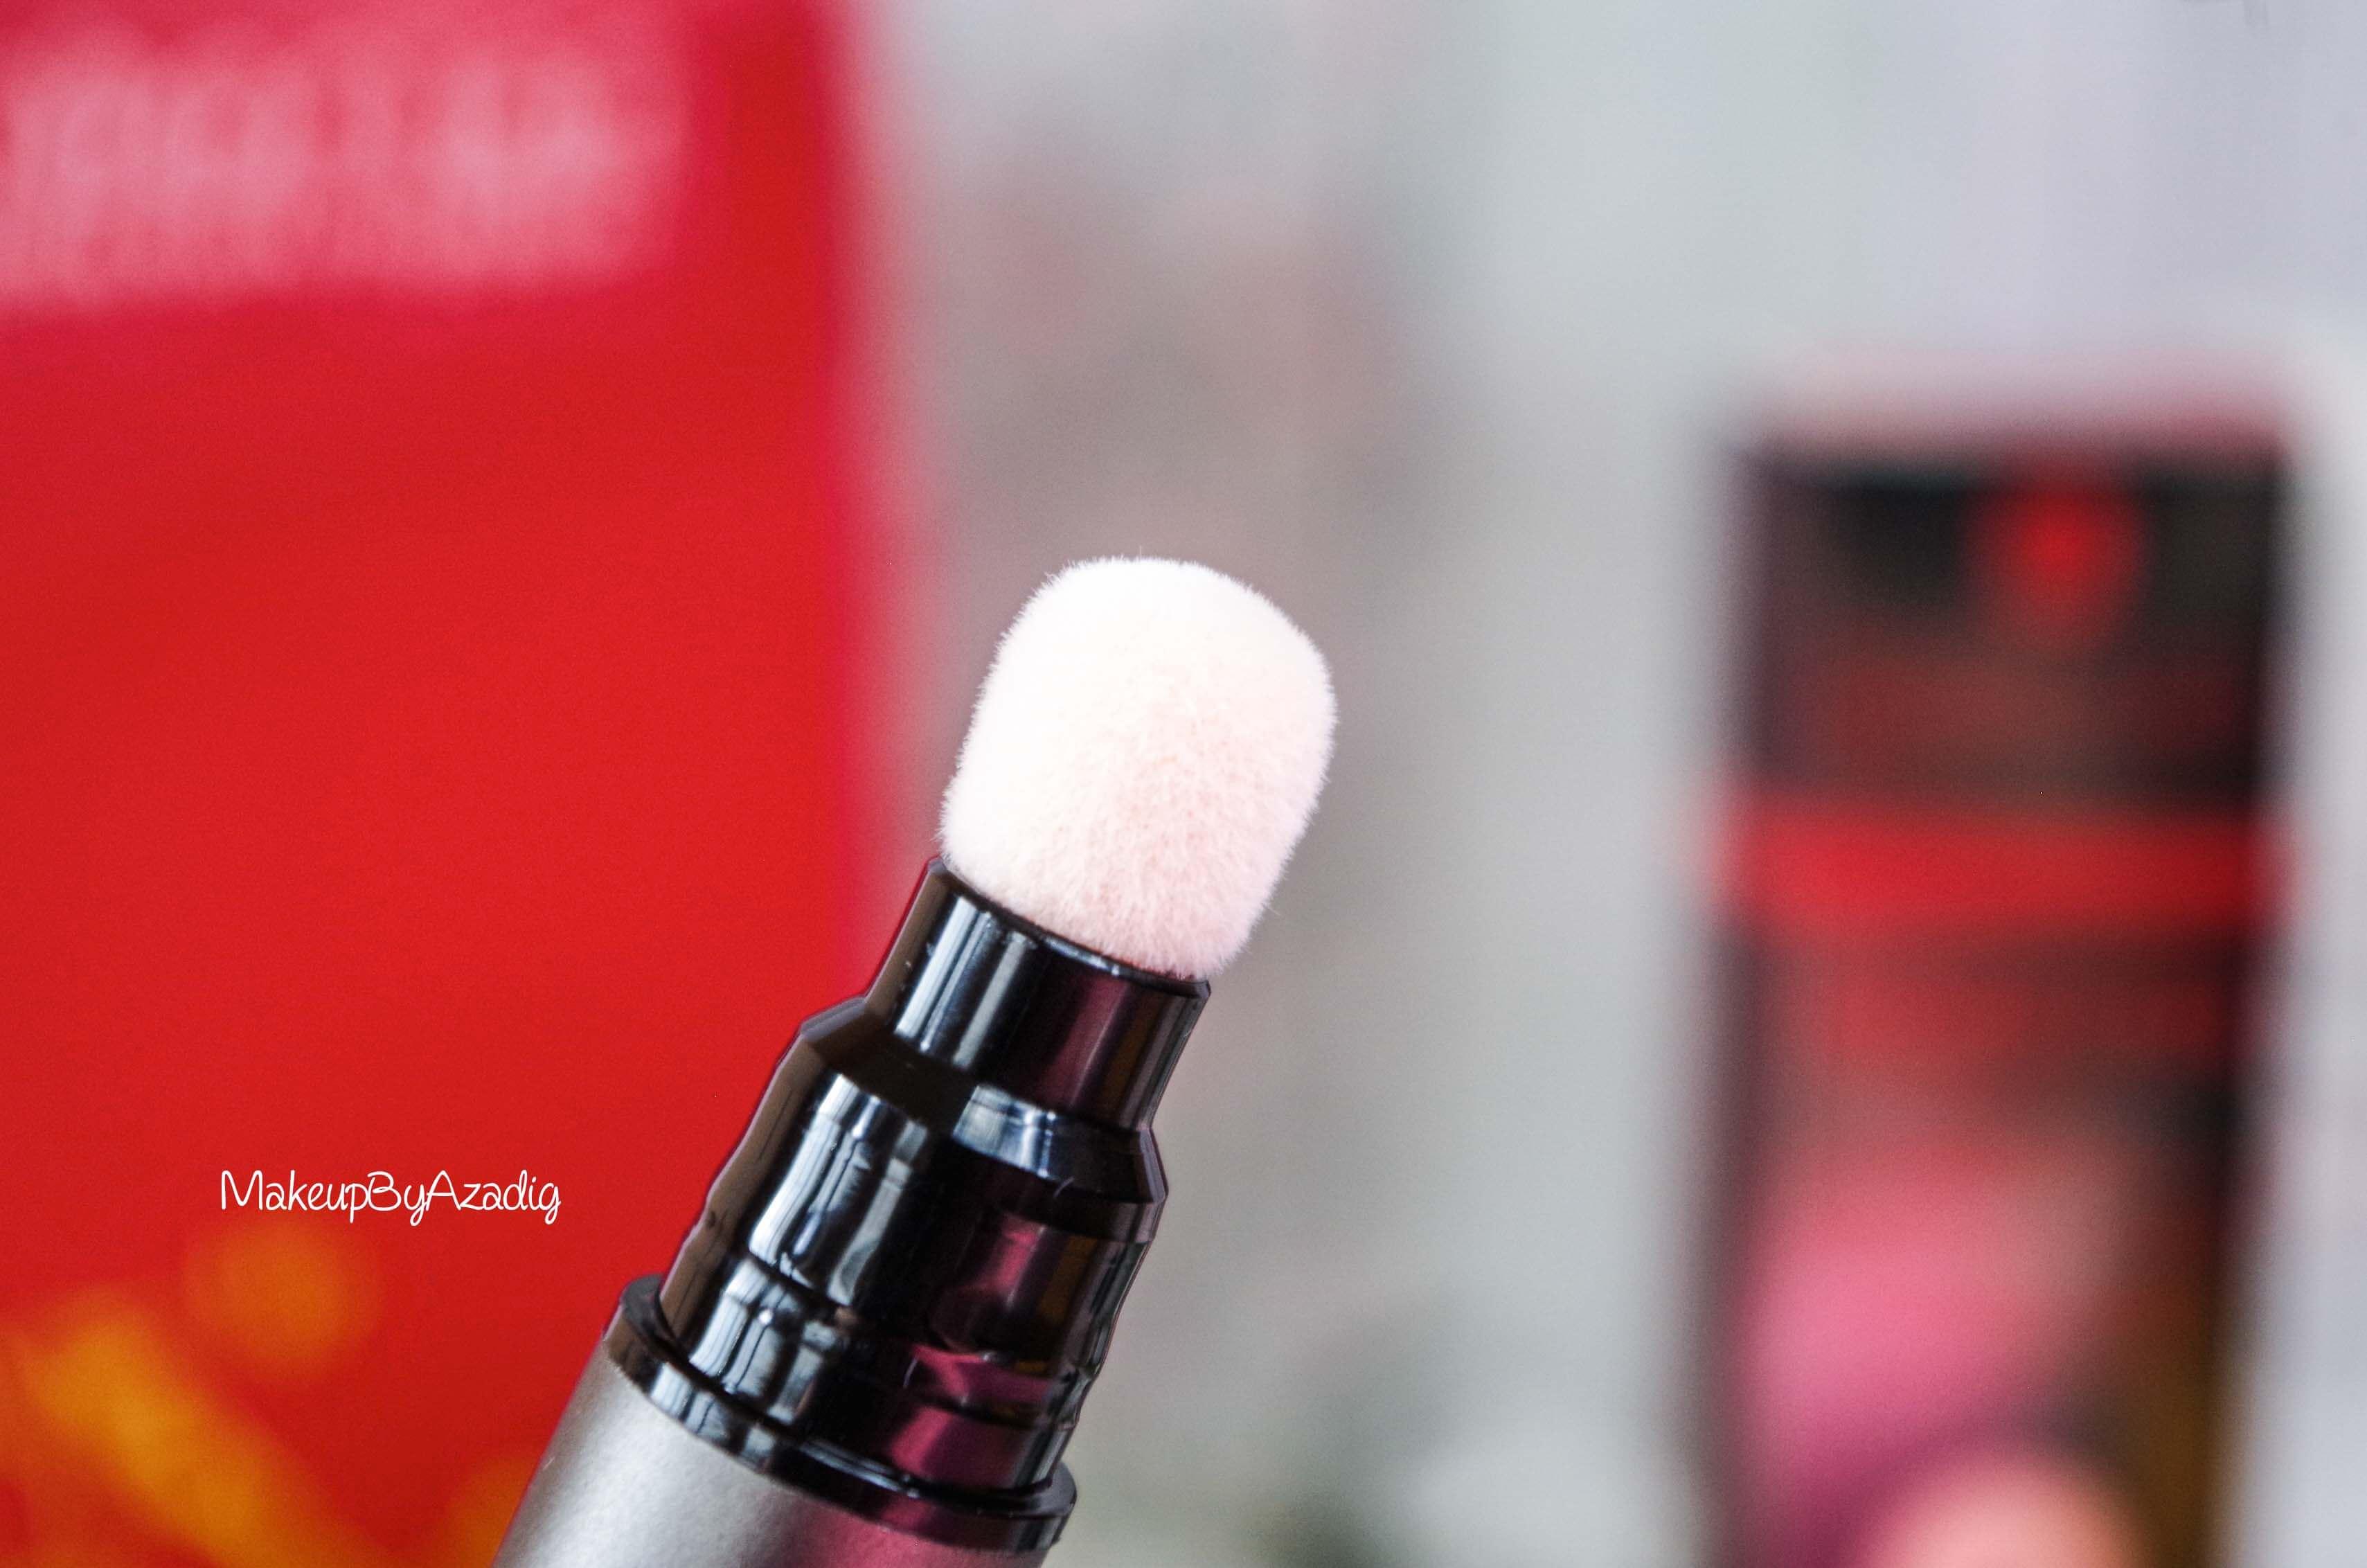 revue-nouveaute-erborian-touch-pen-zones-de-lumiere-visage-makeupbyazadig-review